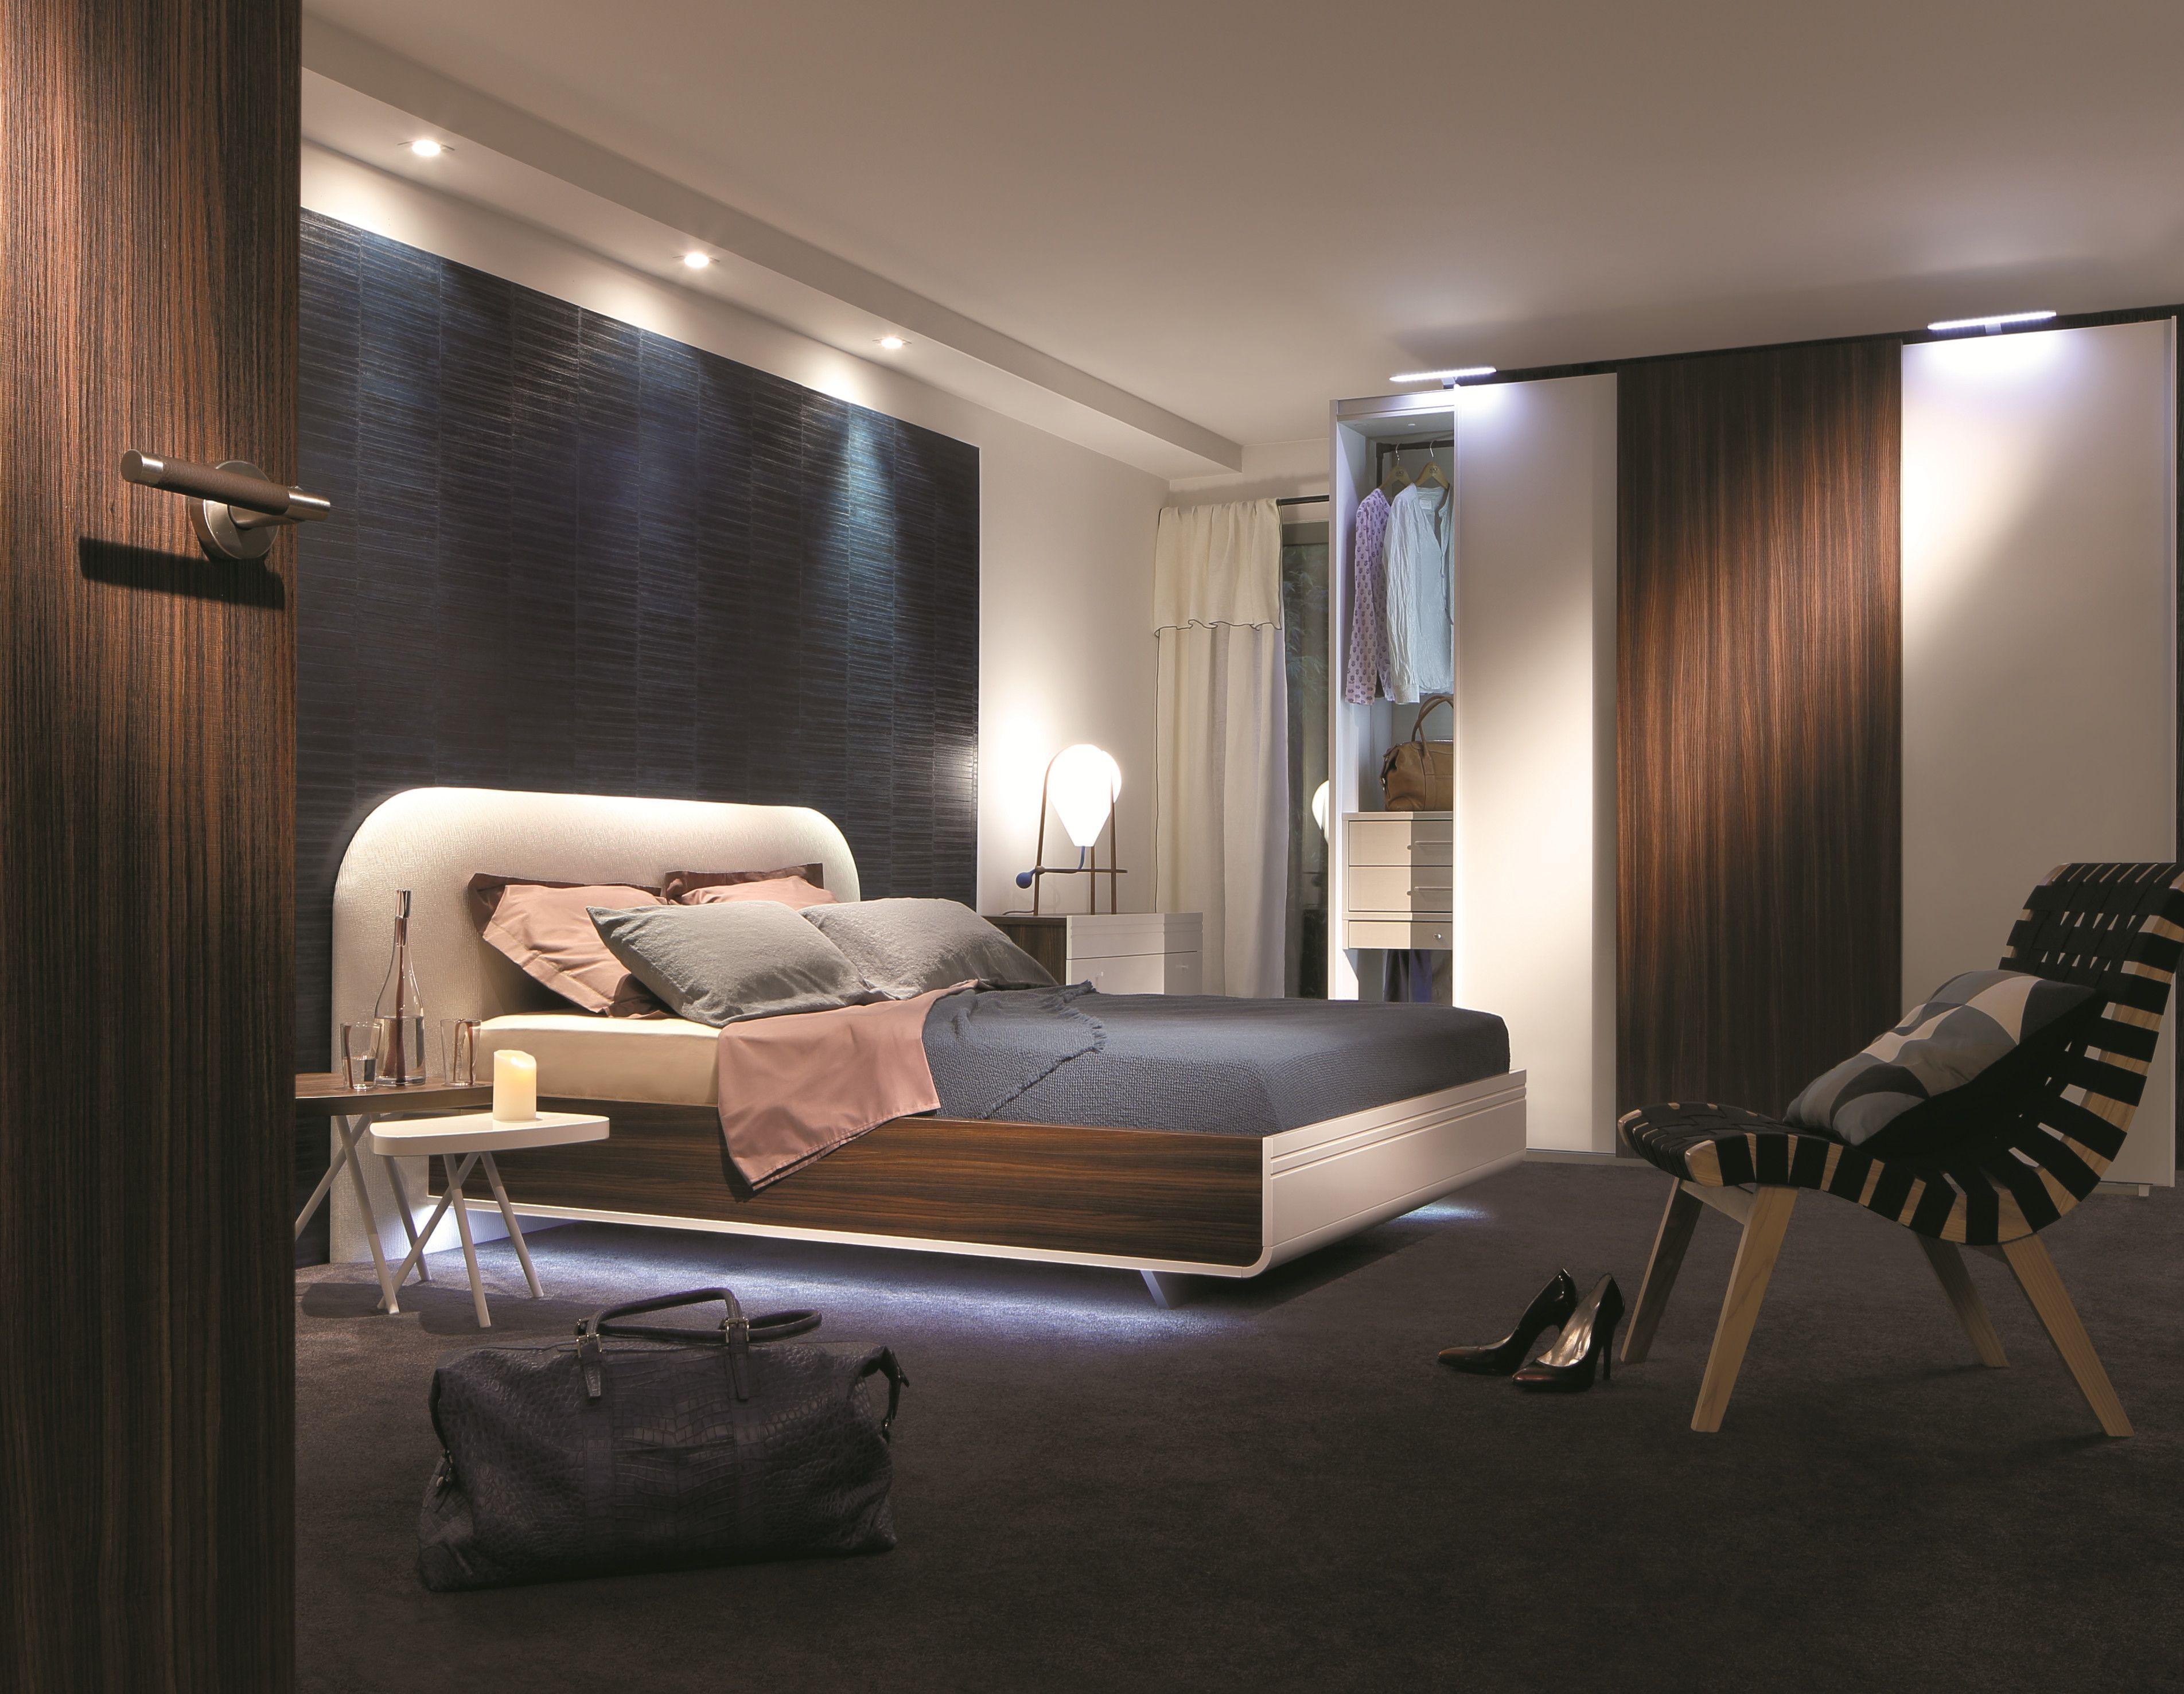 Lit Et Armoire Murano Chambre A Coucher Meuble Celio Mobilier De Salon